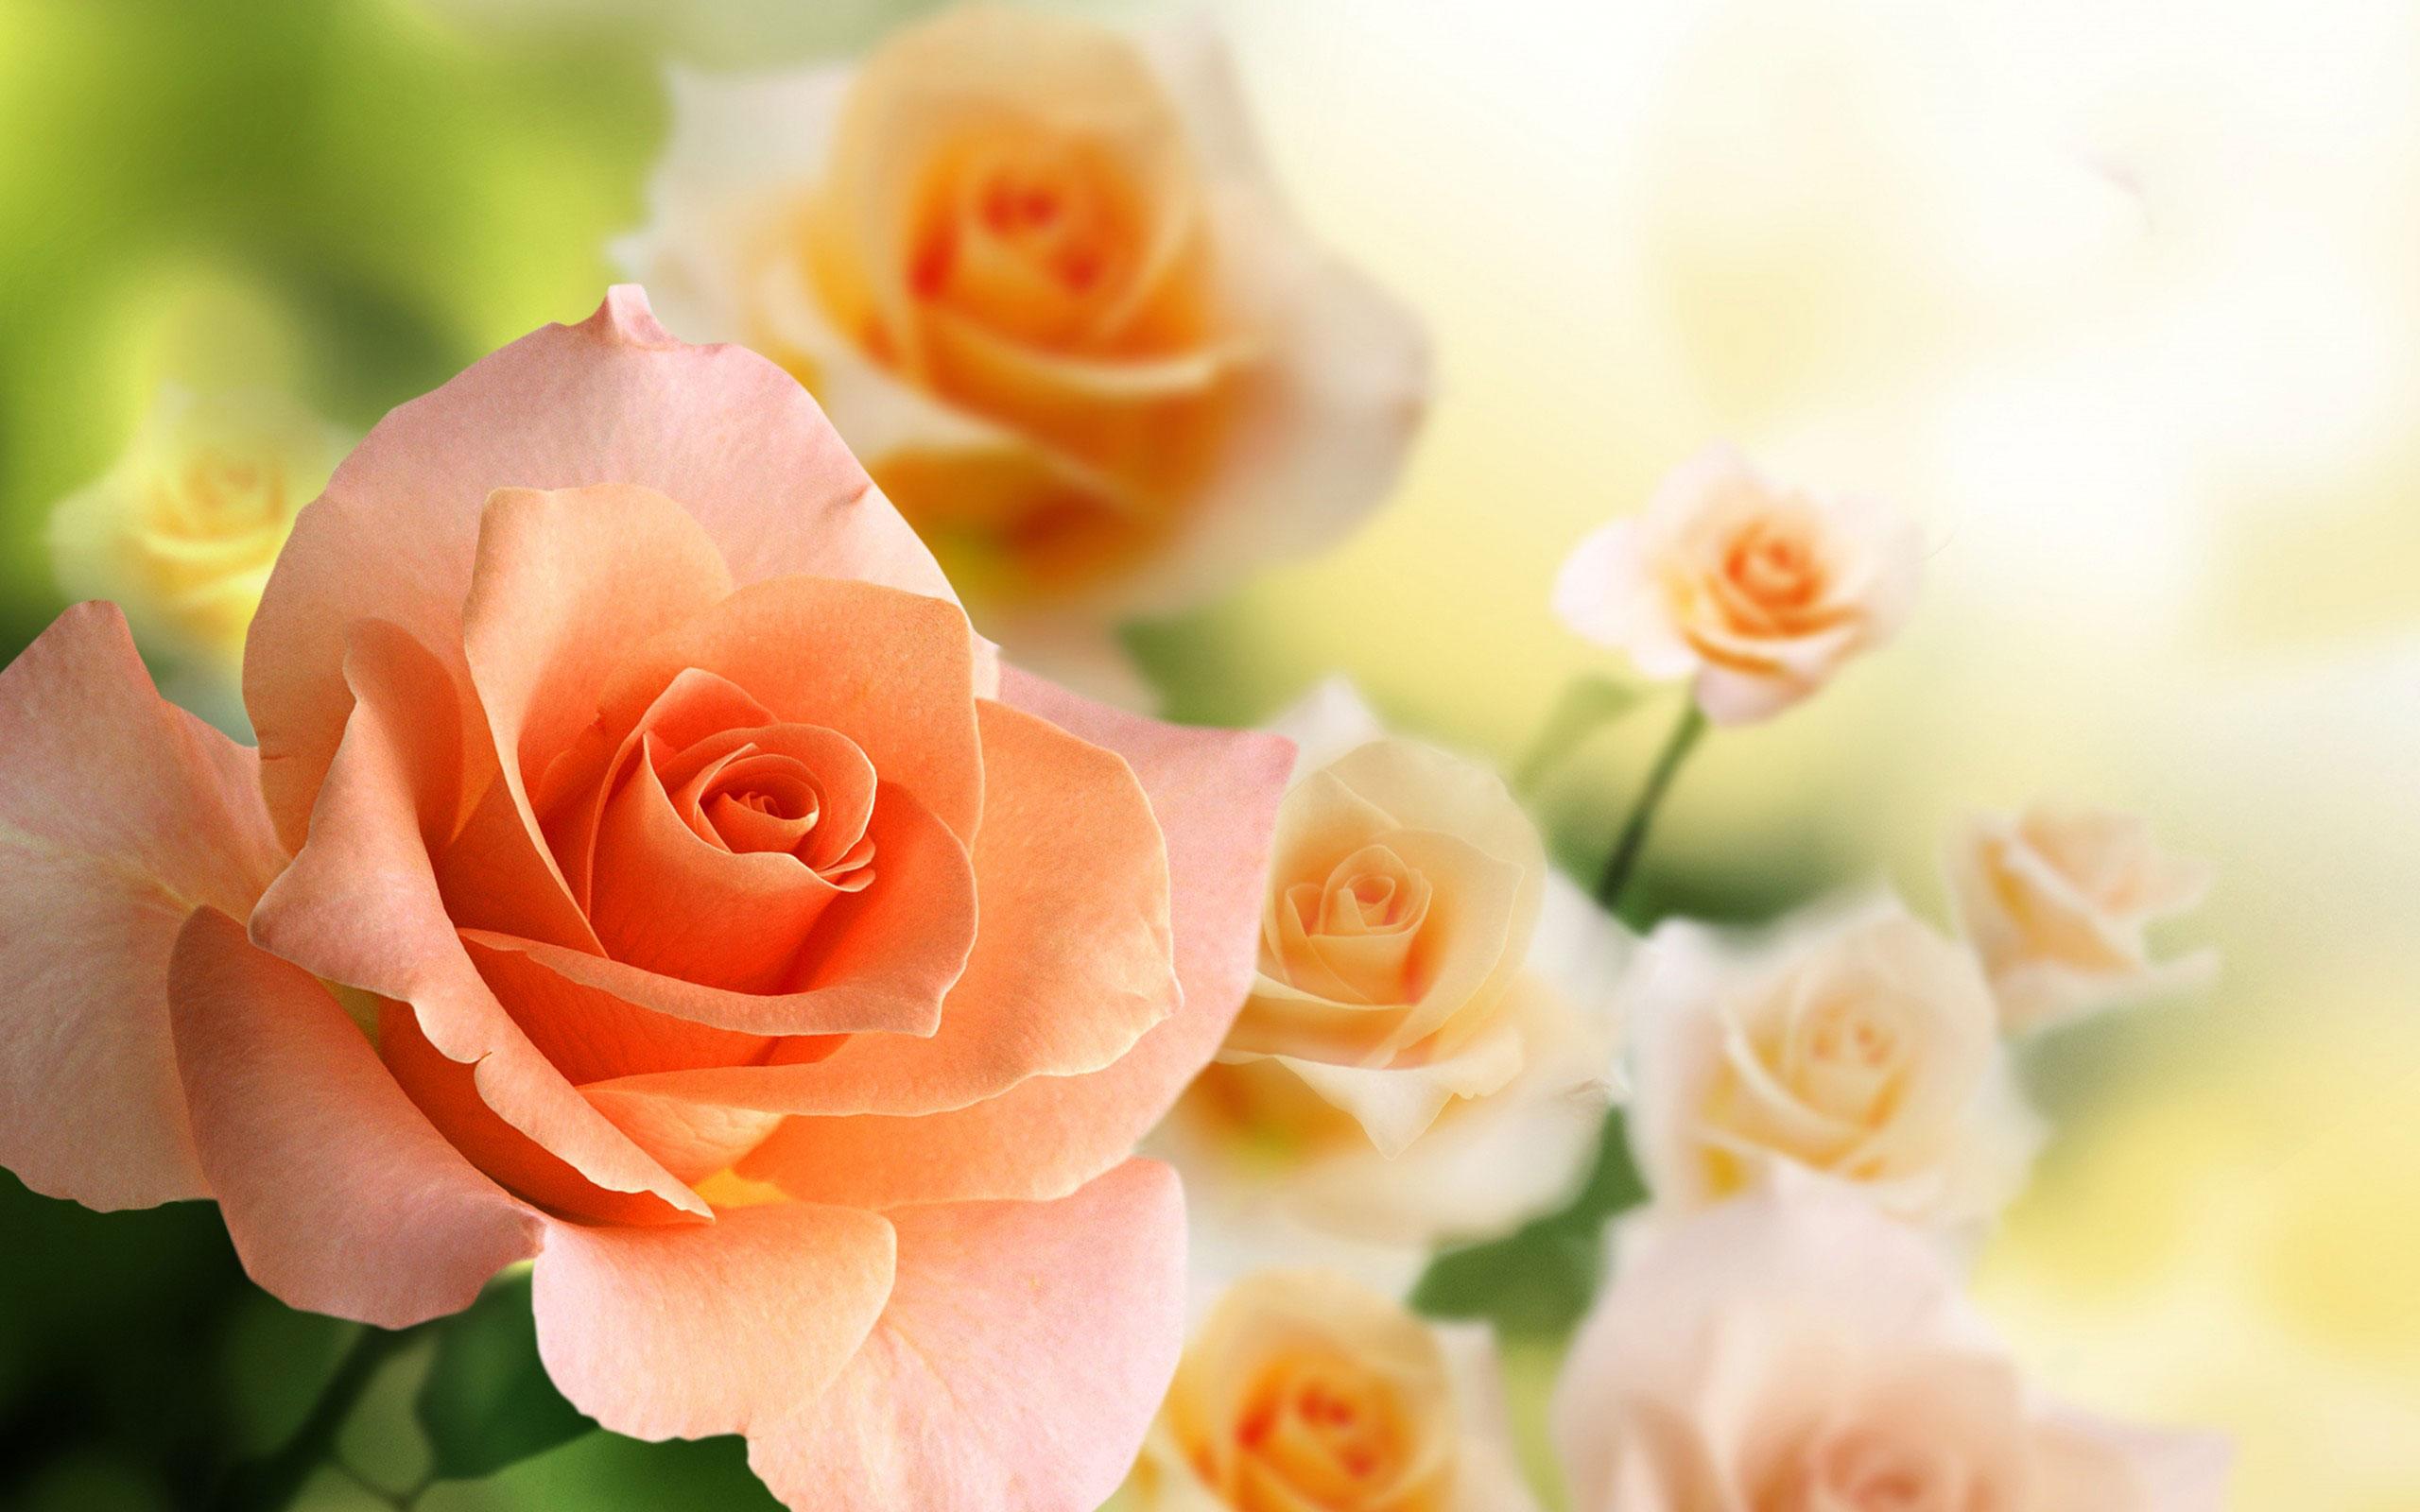 Mình sẽ update thêm những hình ảnh hoa hồng đep vào thời thời gian sớm nhất có thể :v